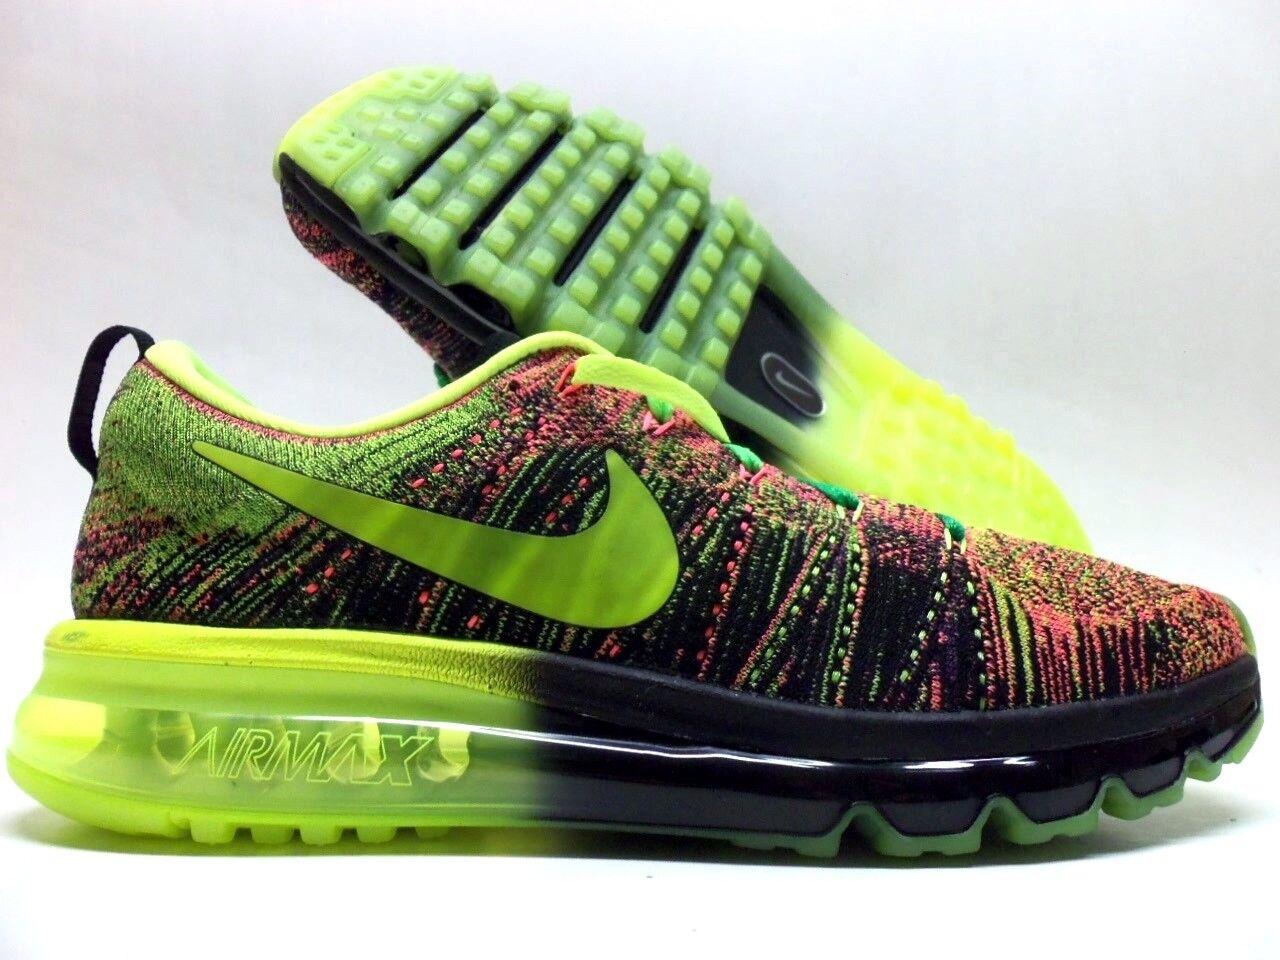 Nike air max flyknit id multi-color / nero-volt dimensioni uomini [874783-991]